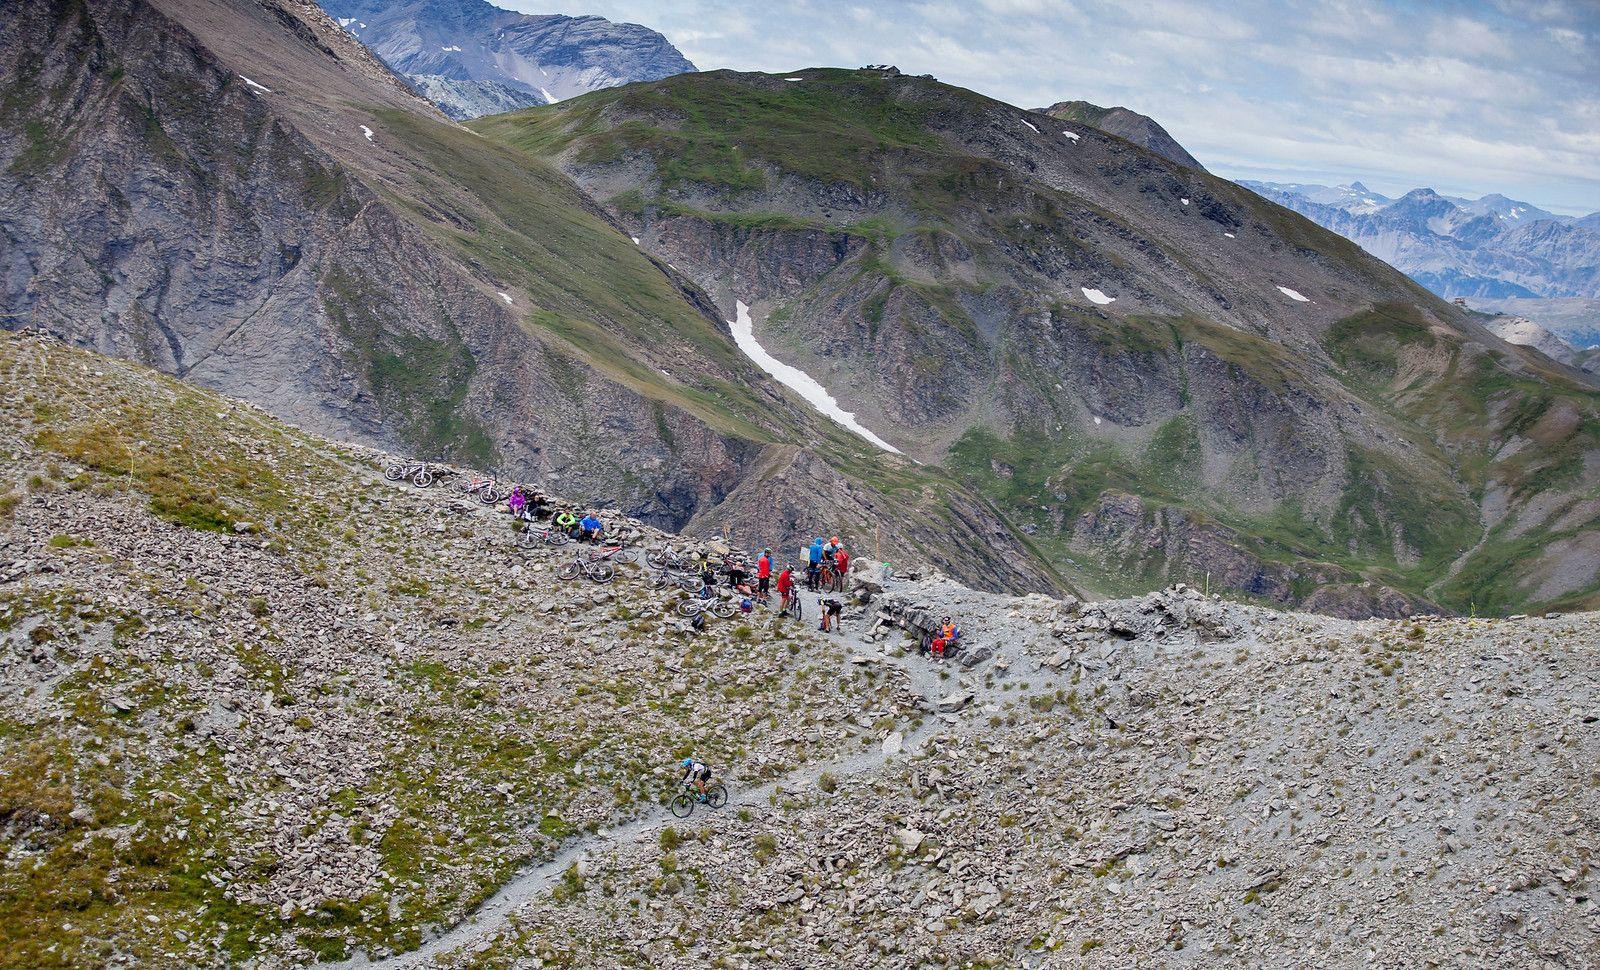 El Colle Albergian, de 2.704 metros de altitud, podría parecer que no es especialmente duro en su perfil, pero es el tramo de porteo más largo de la prueba que da paso a una de las mejores bajadas de la carrera. Es relativamente nuevo en la historia del Ironbike pero ya se ha vuelto un clásico.